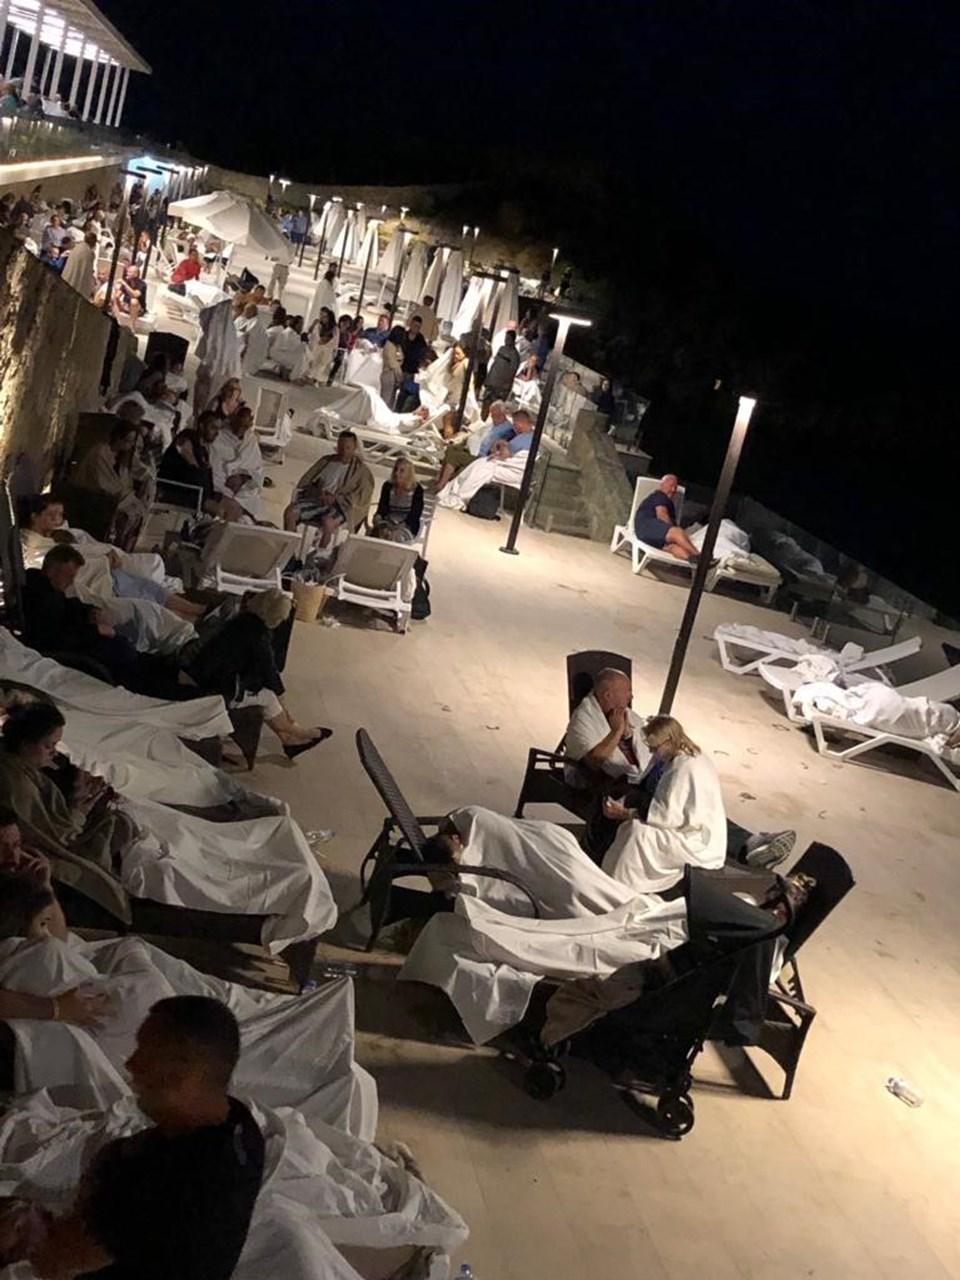 Patlamanın şiddetiyle yakınlardaki otelin camları kırıldı, asma tavanı çöktü. Otelde konaklayan turistler sahilde şezlonglar üzerinde sabahladı.